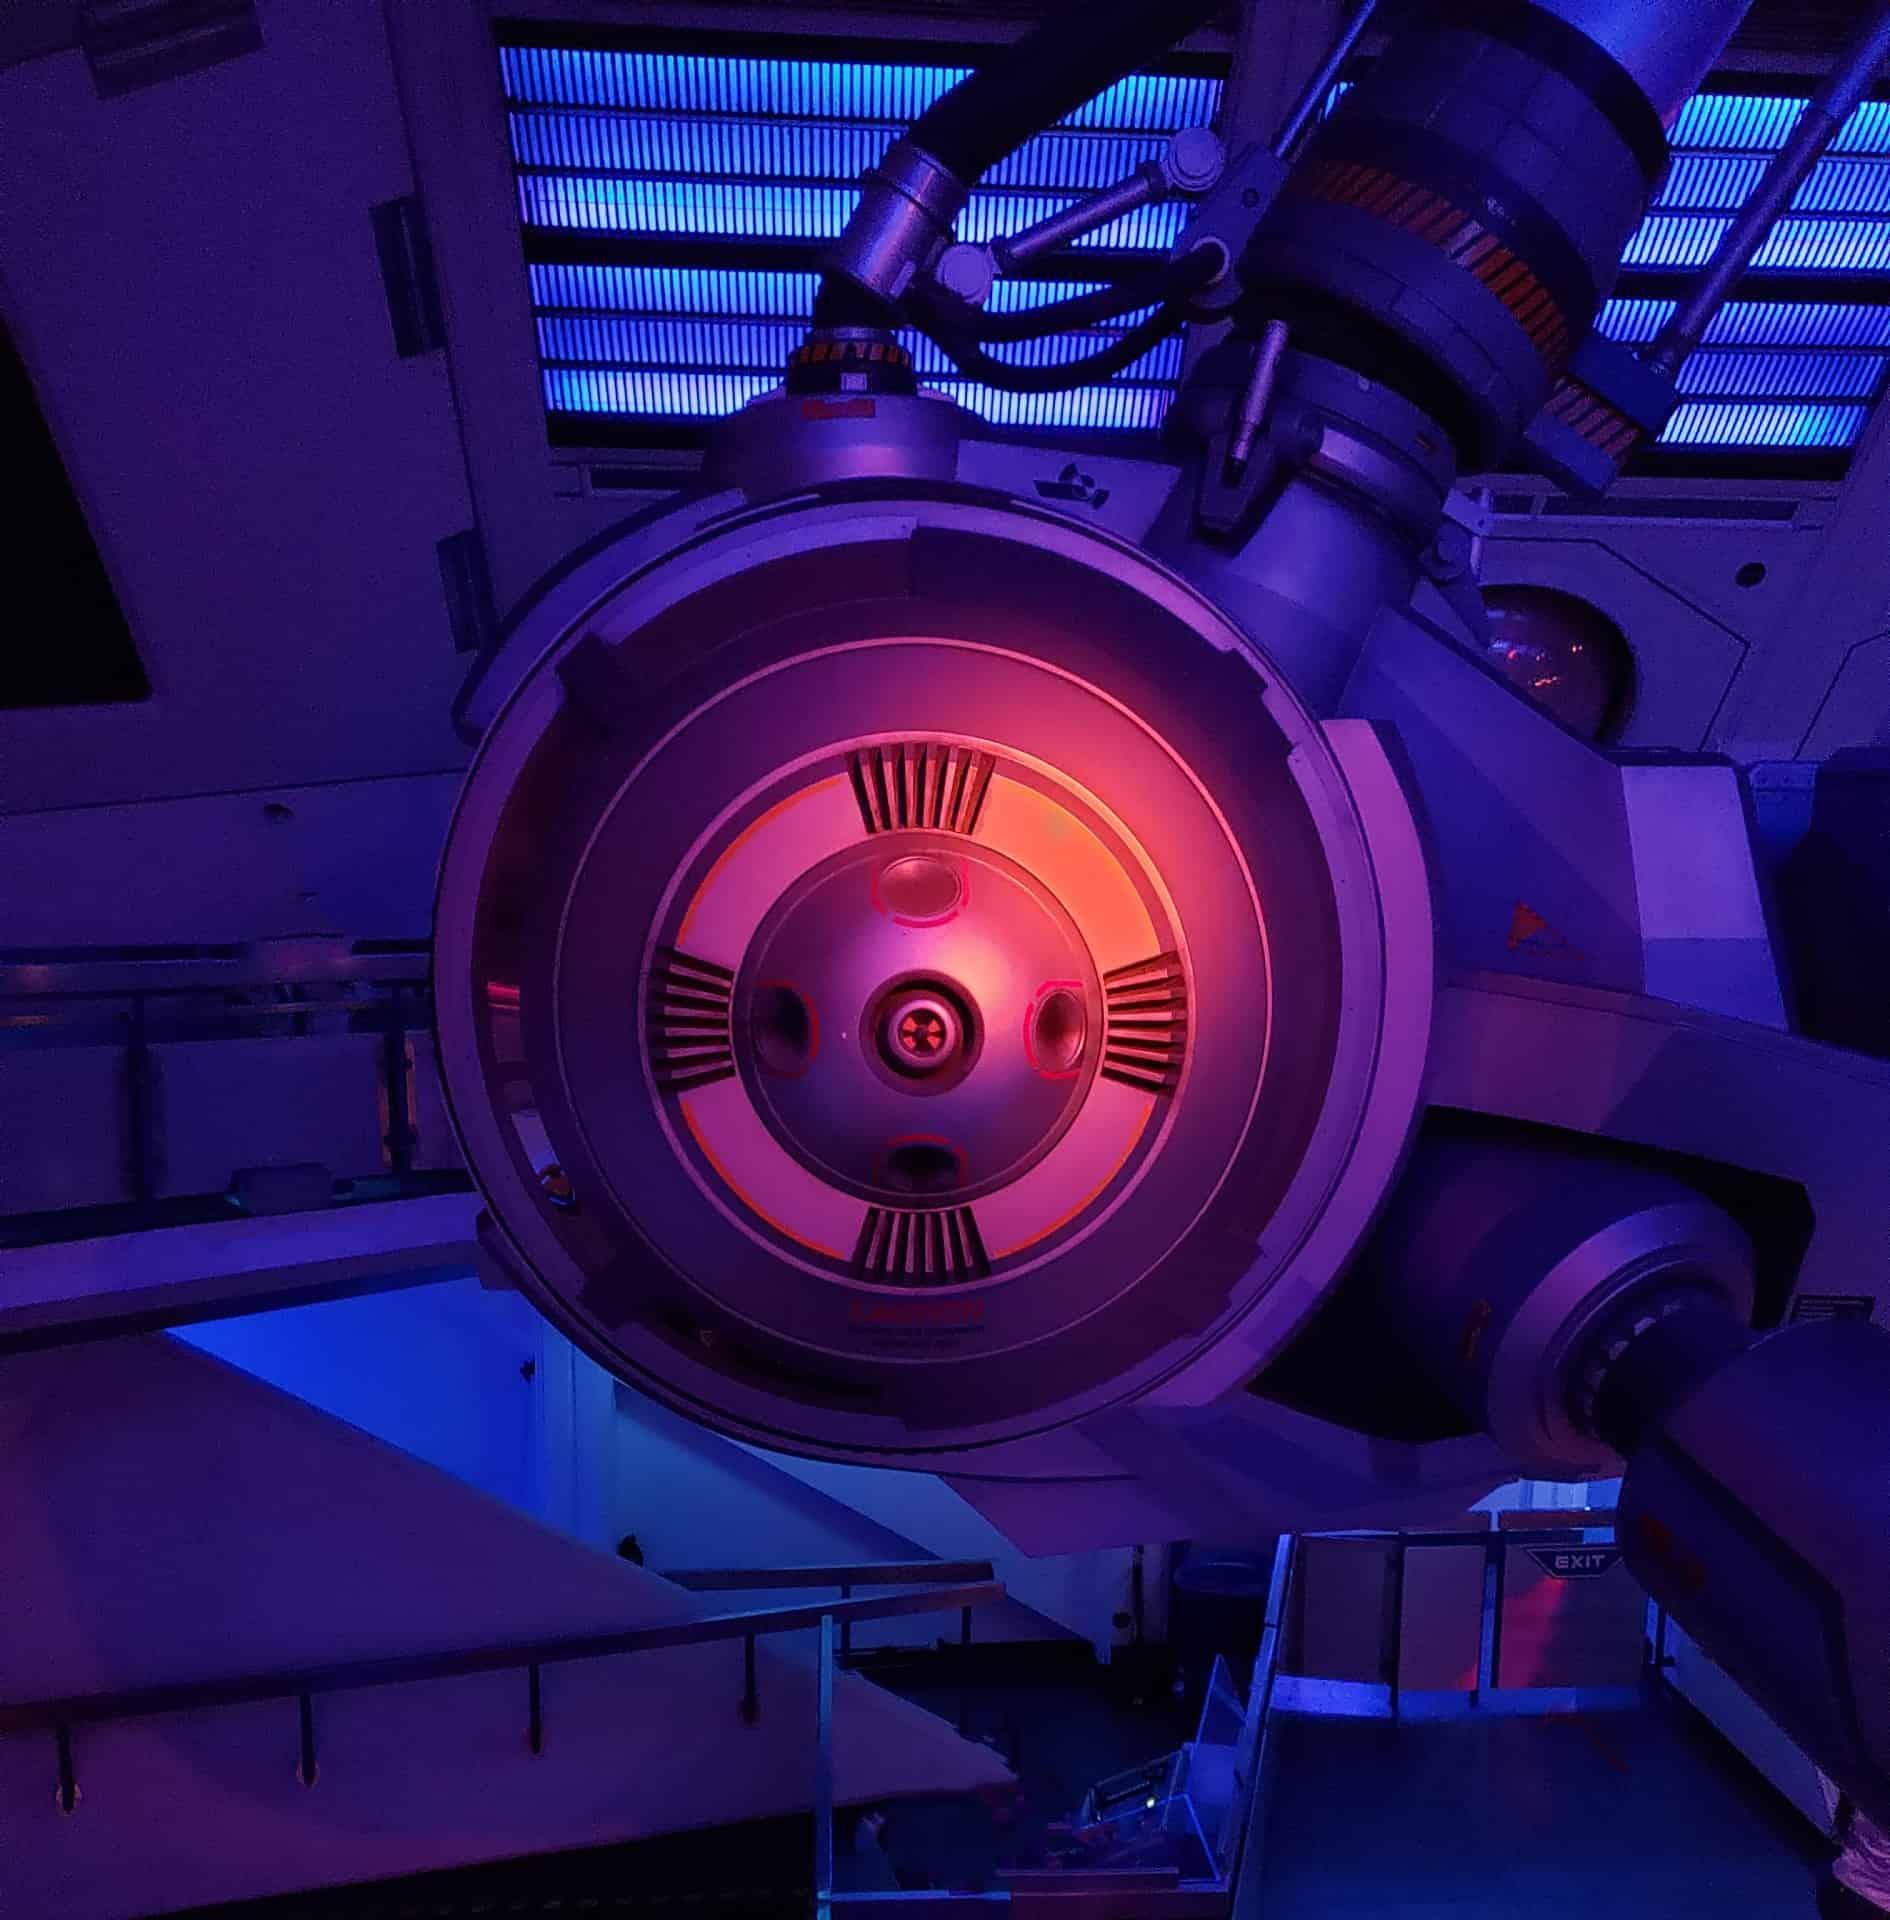 Nave Espacial Foto. Public Domain